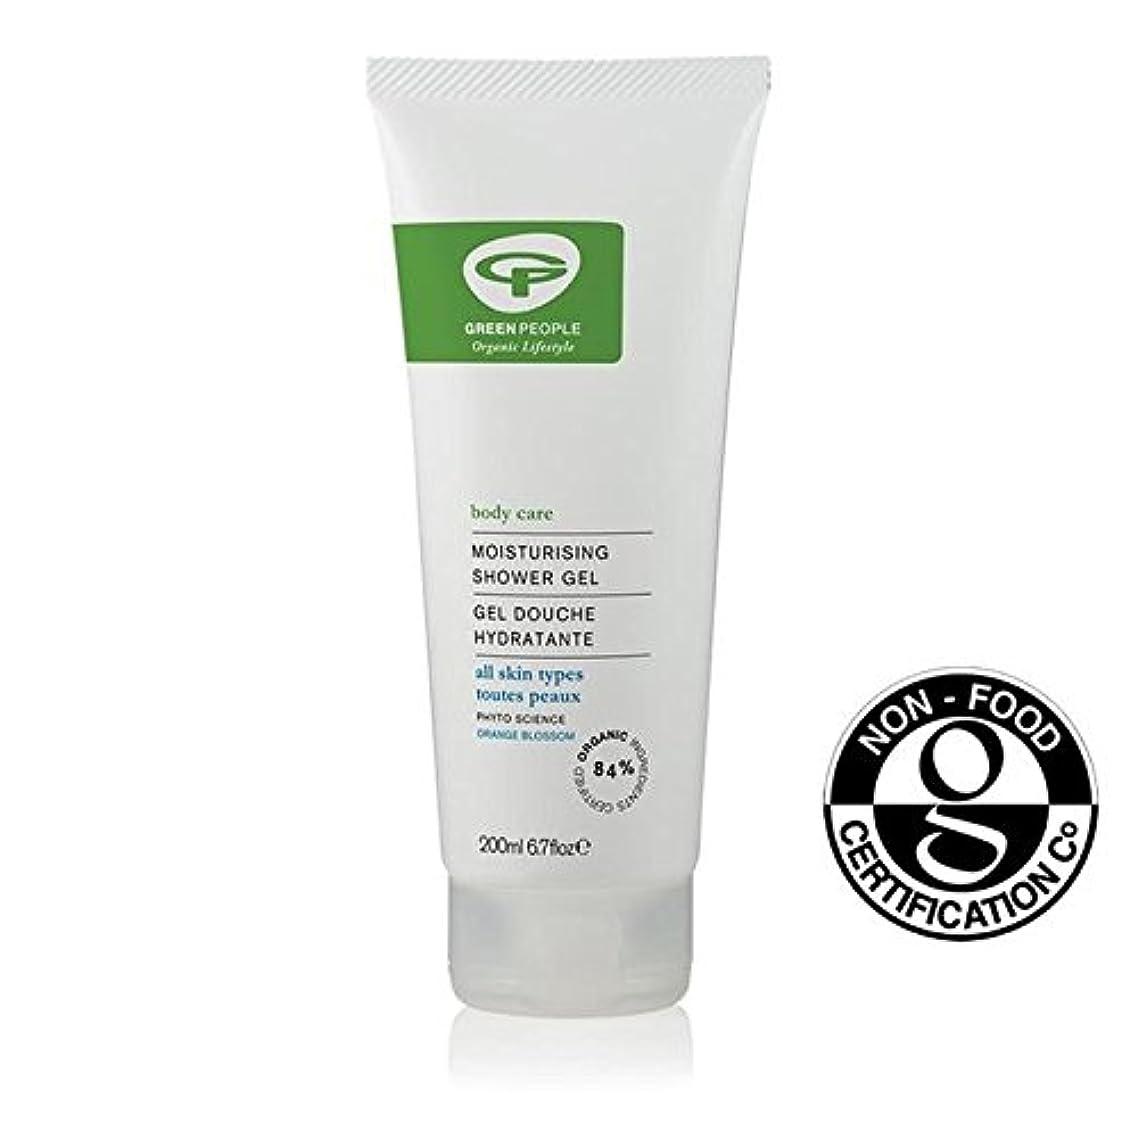 運動レトルト泥棒緑の人々の有機保湿シャワージェル200 x4 - Green People Organic Moisturising Shower Gel 200ml (Pack of 4) [並行輸入品]